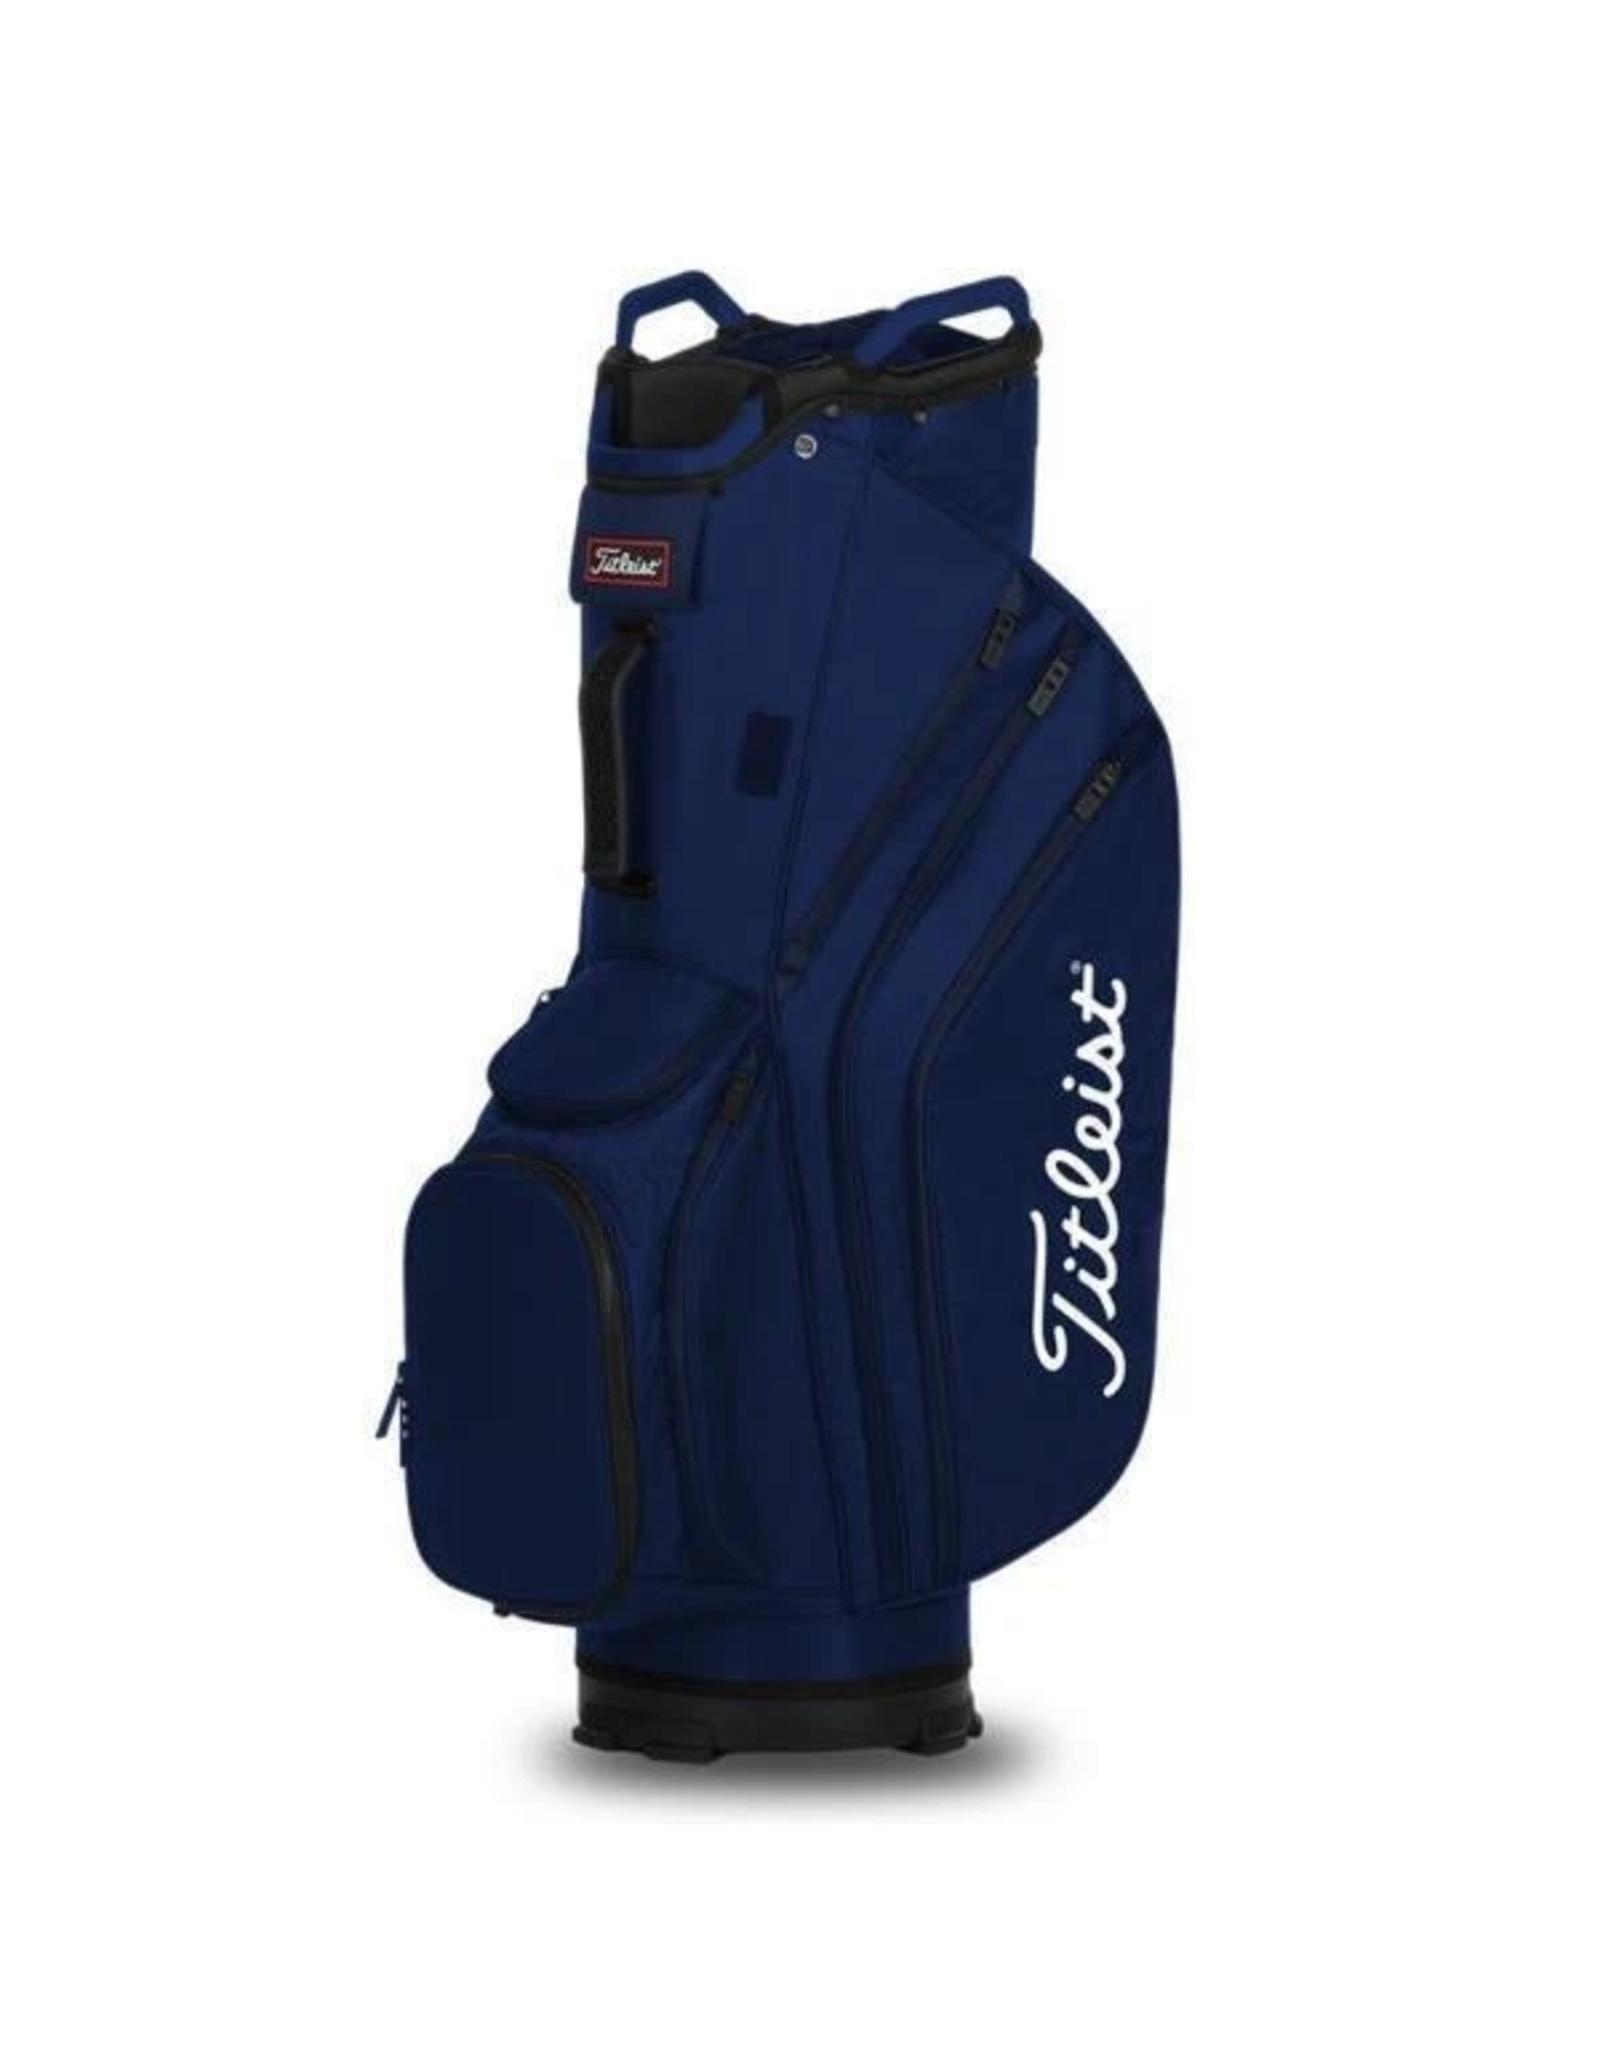 Titleist Lightweight 14 Cart Bag